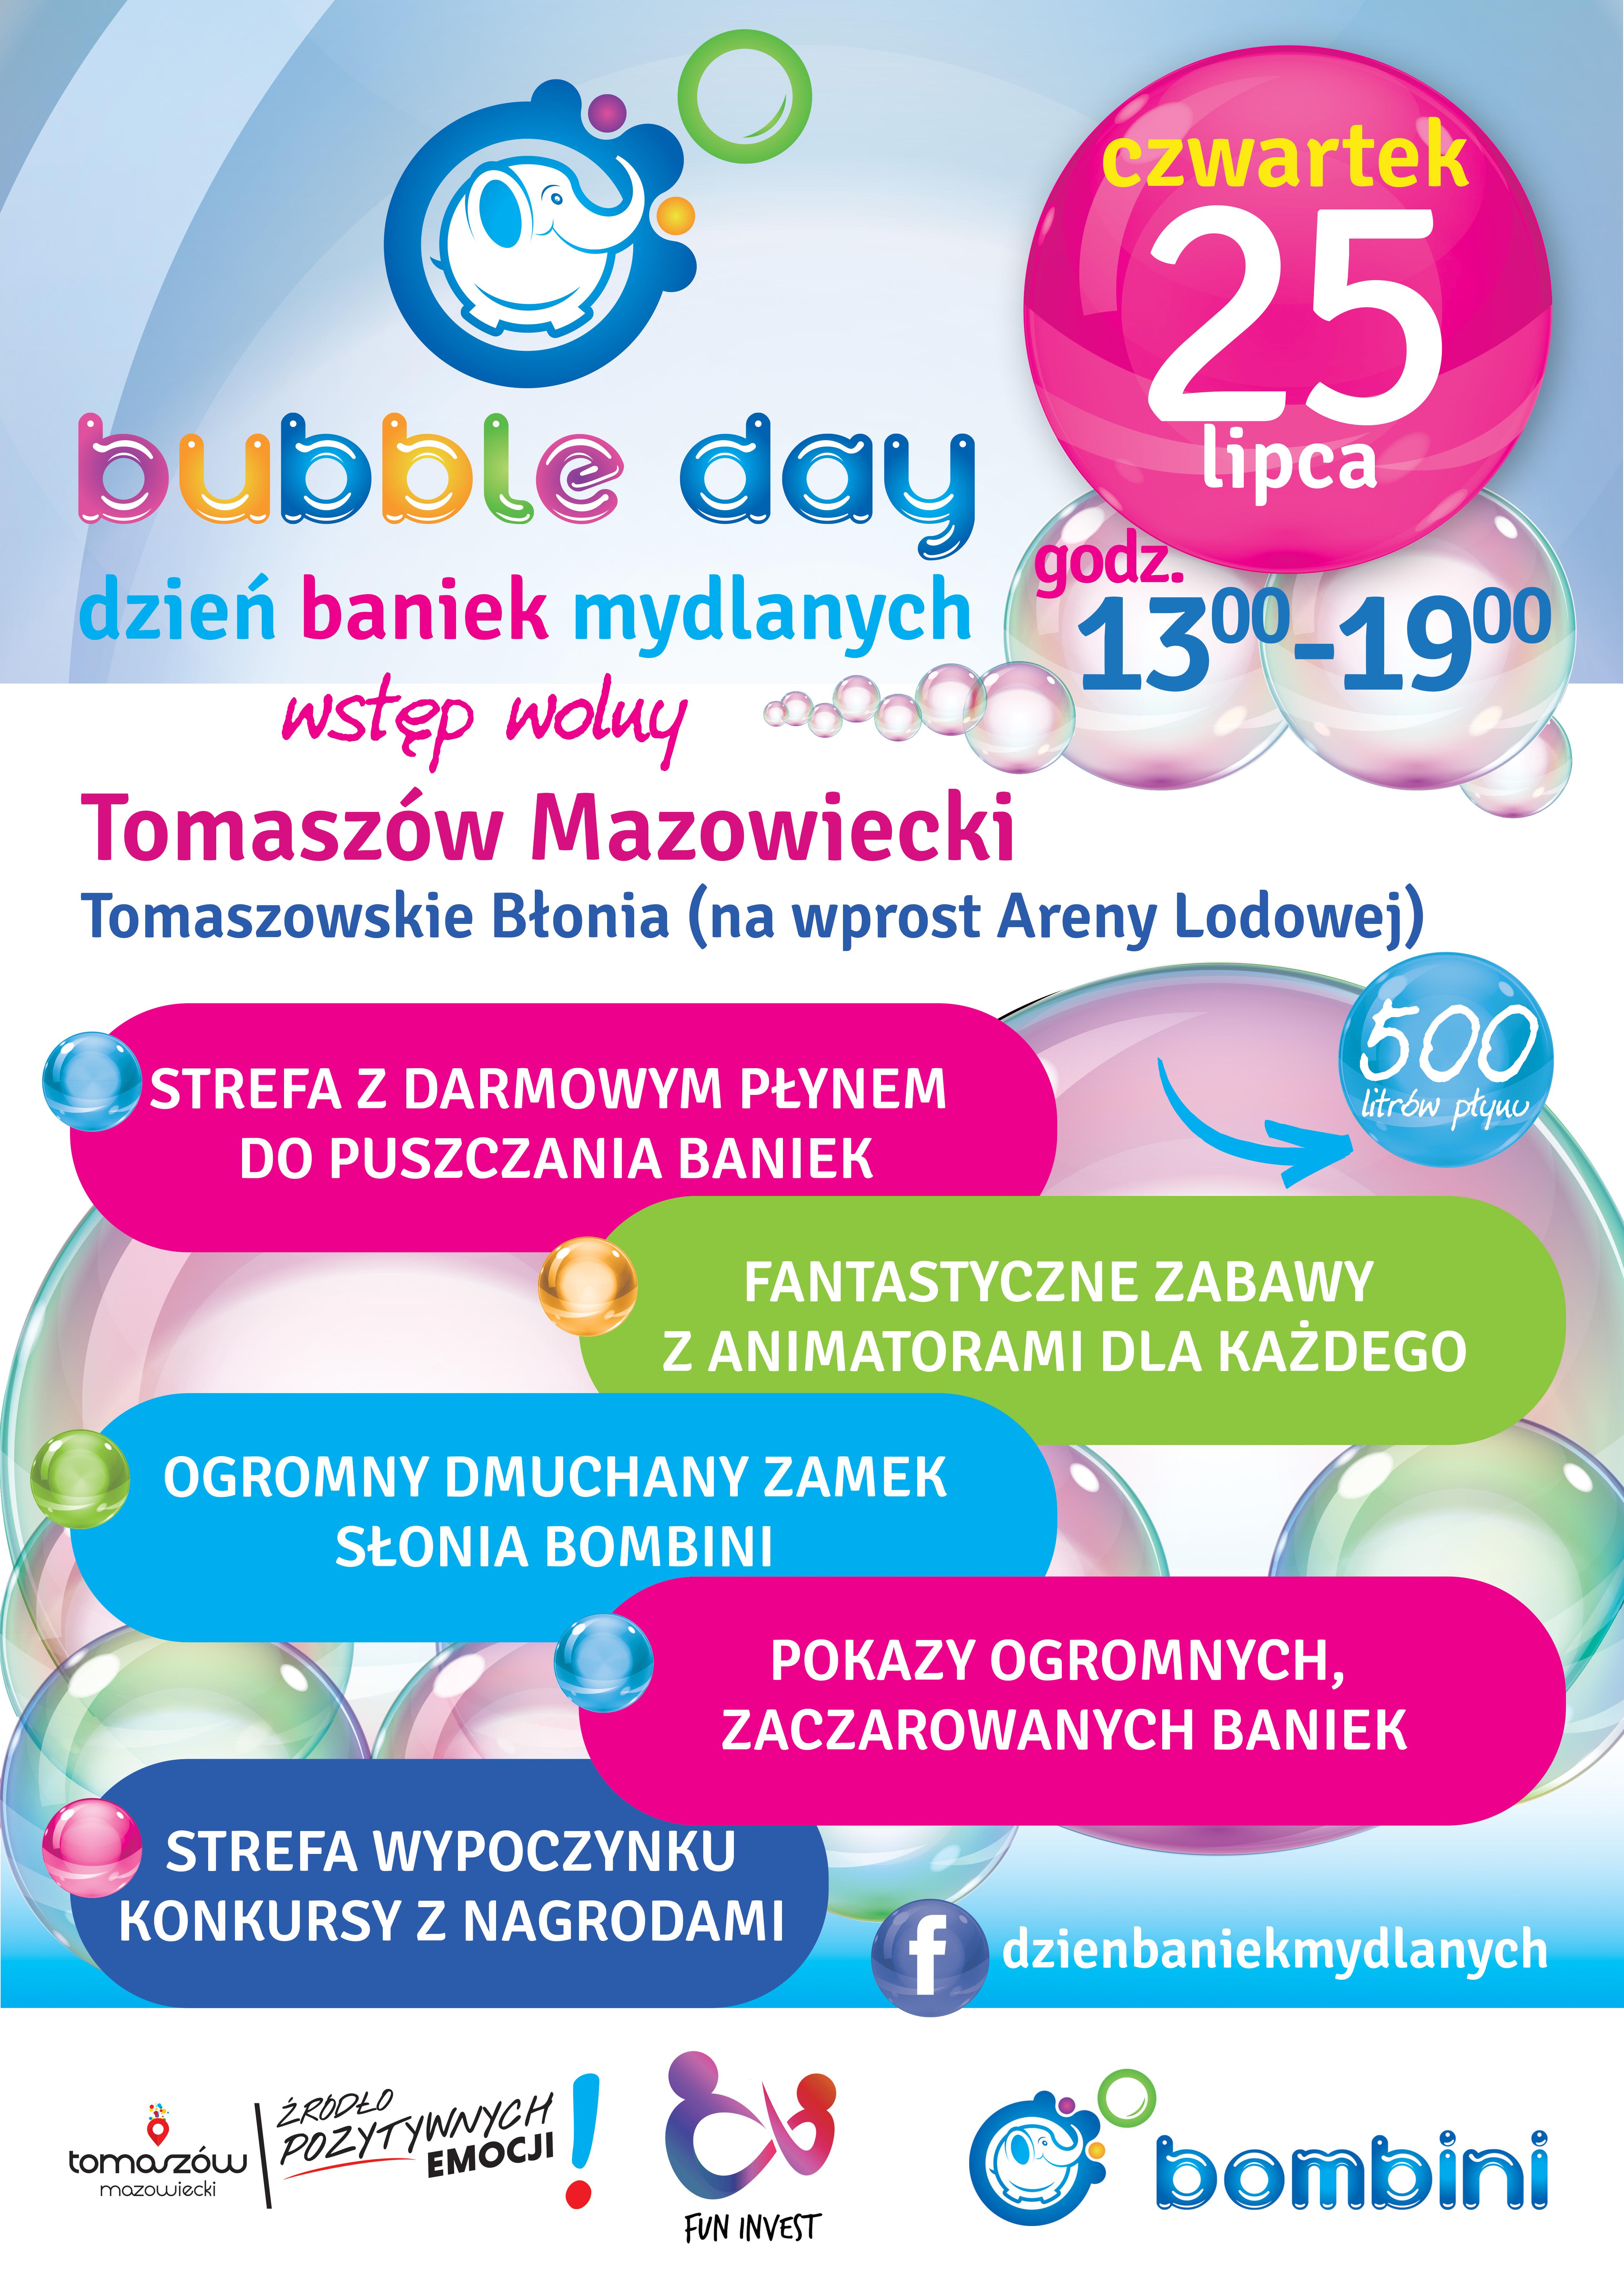 Plakt wydrzenia bubble day